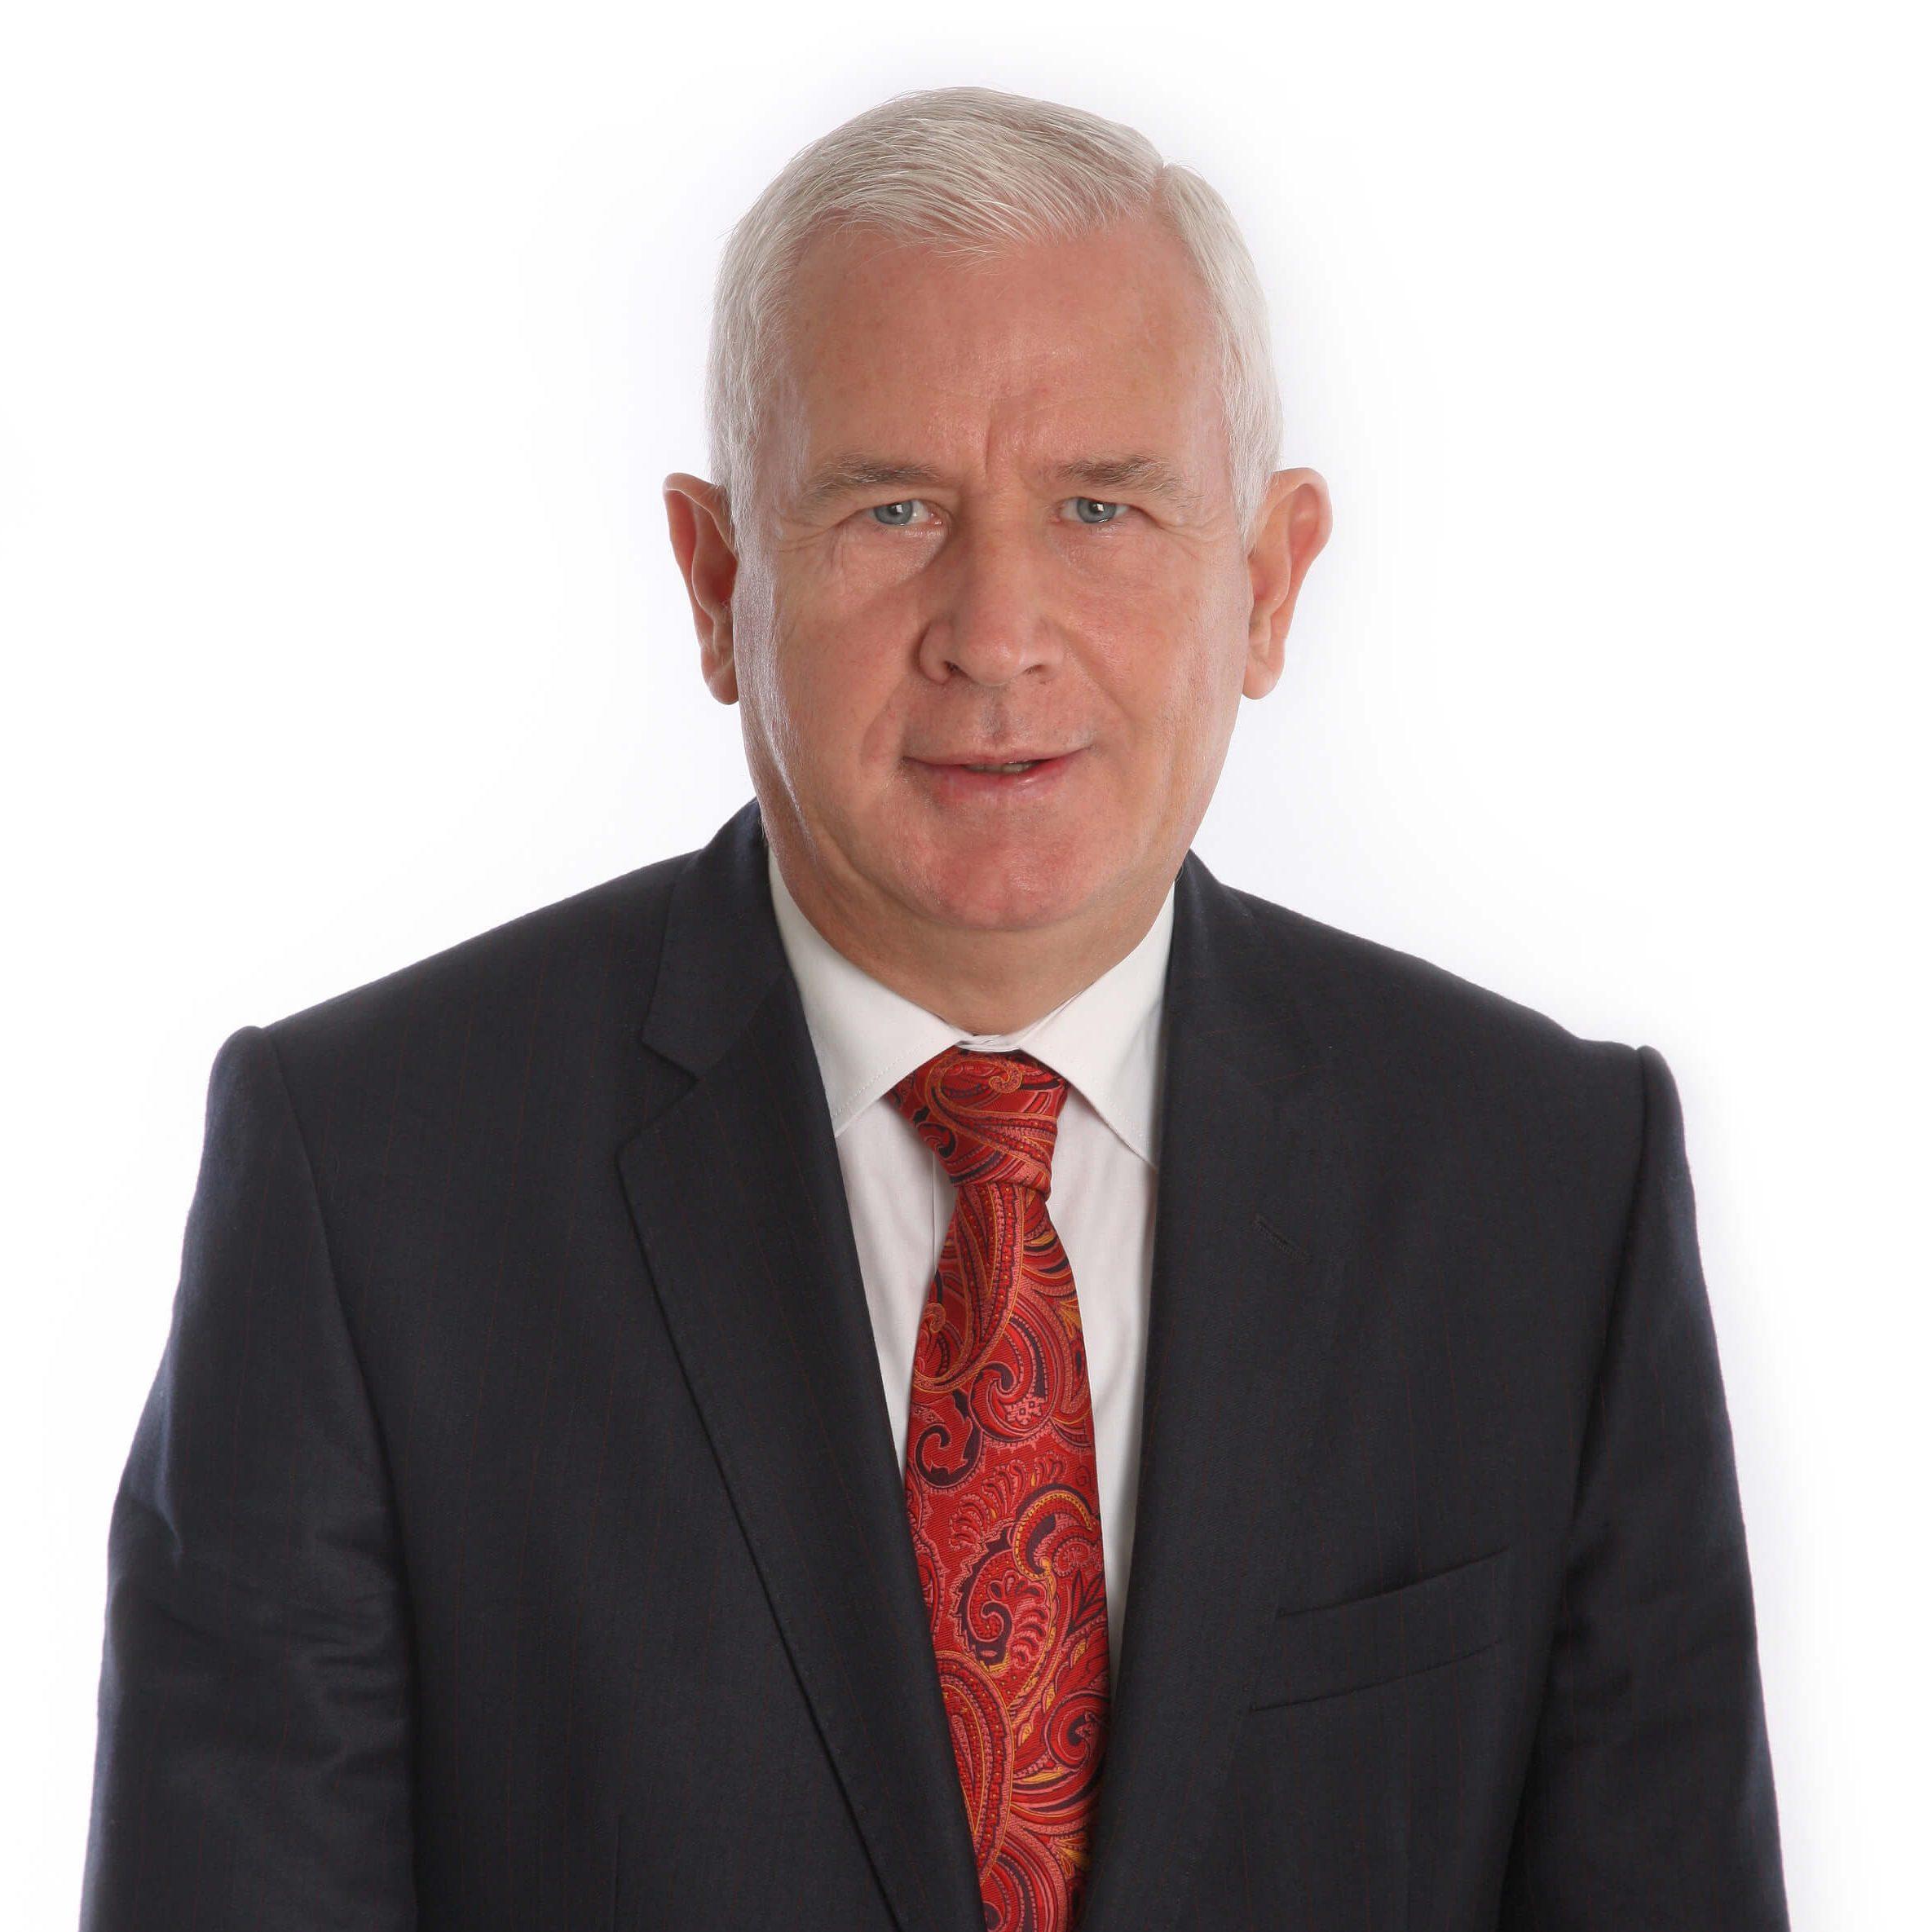 Councillor Eddie Moran